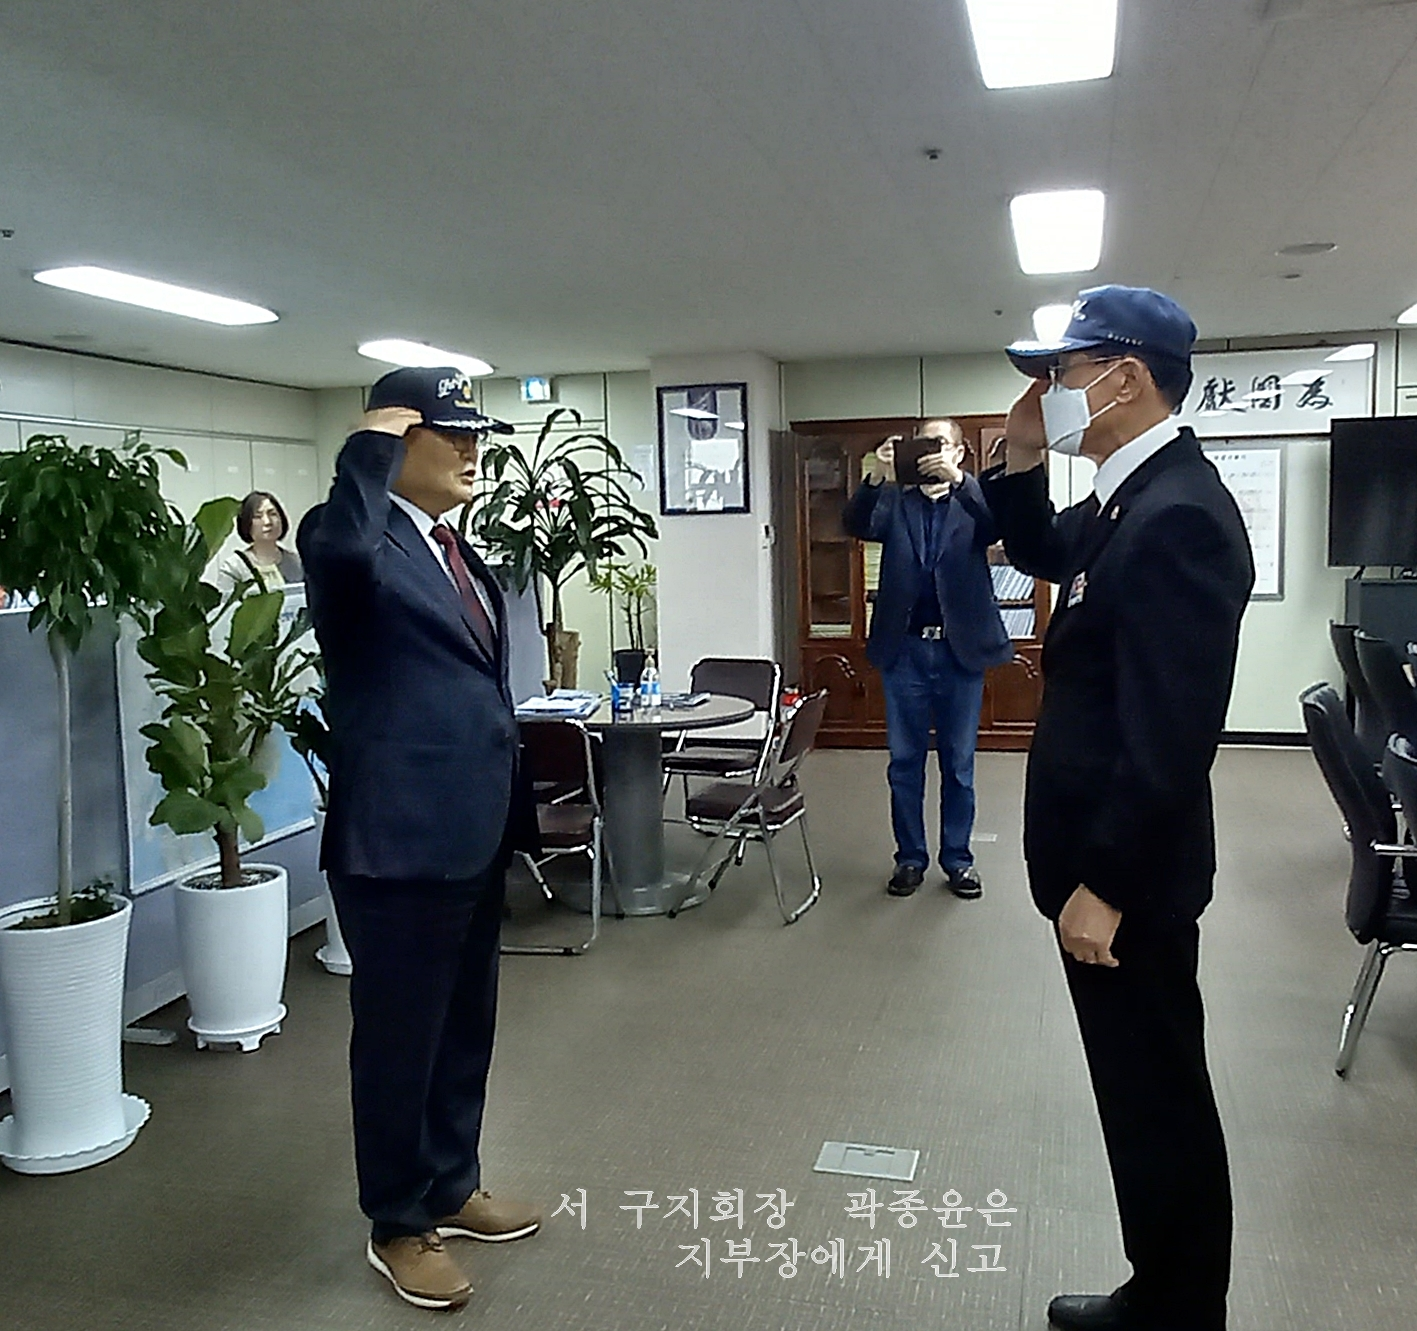 2021.5.14(금) 11:30 서 구 지회장 곽종윤에게 임명장 수여